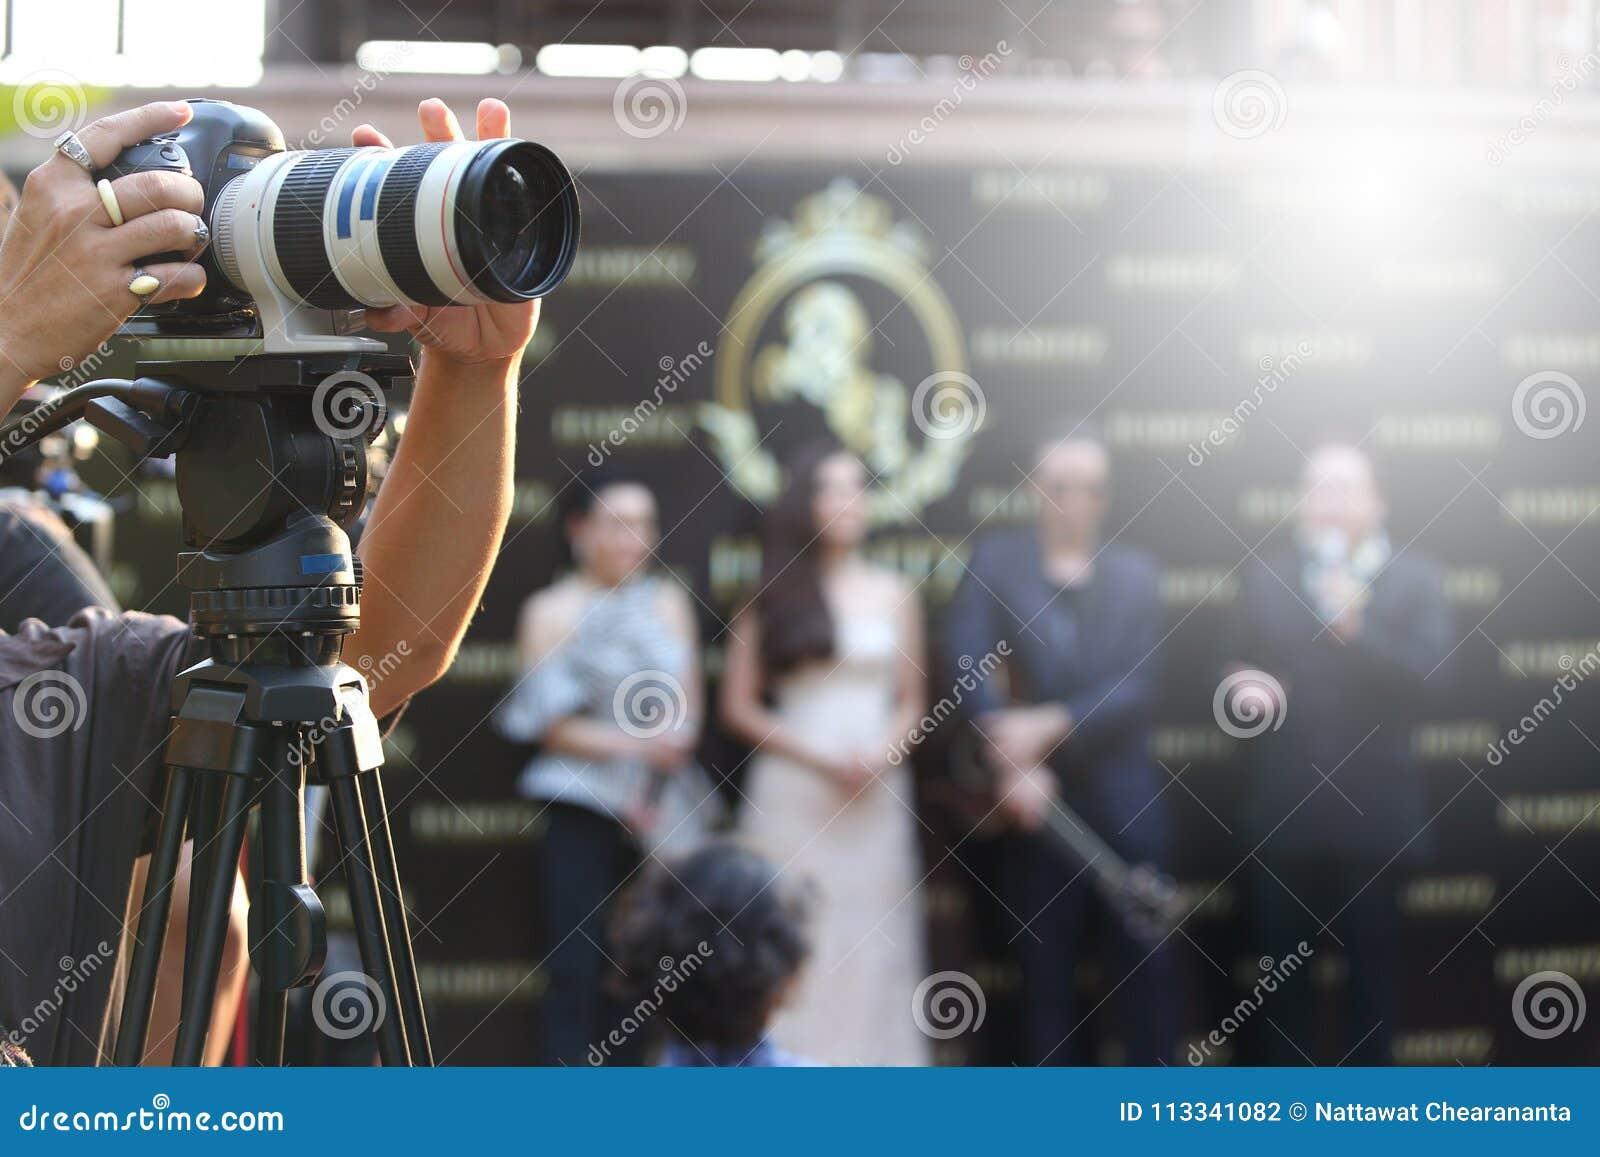 Wideo DSLR kamery ogólnospołecznej sieci żywy nagranie na wywiadów ses